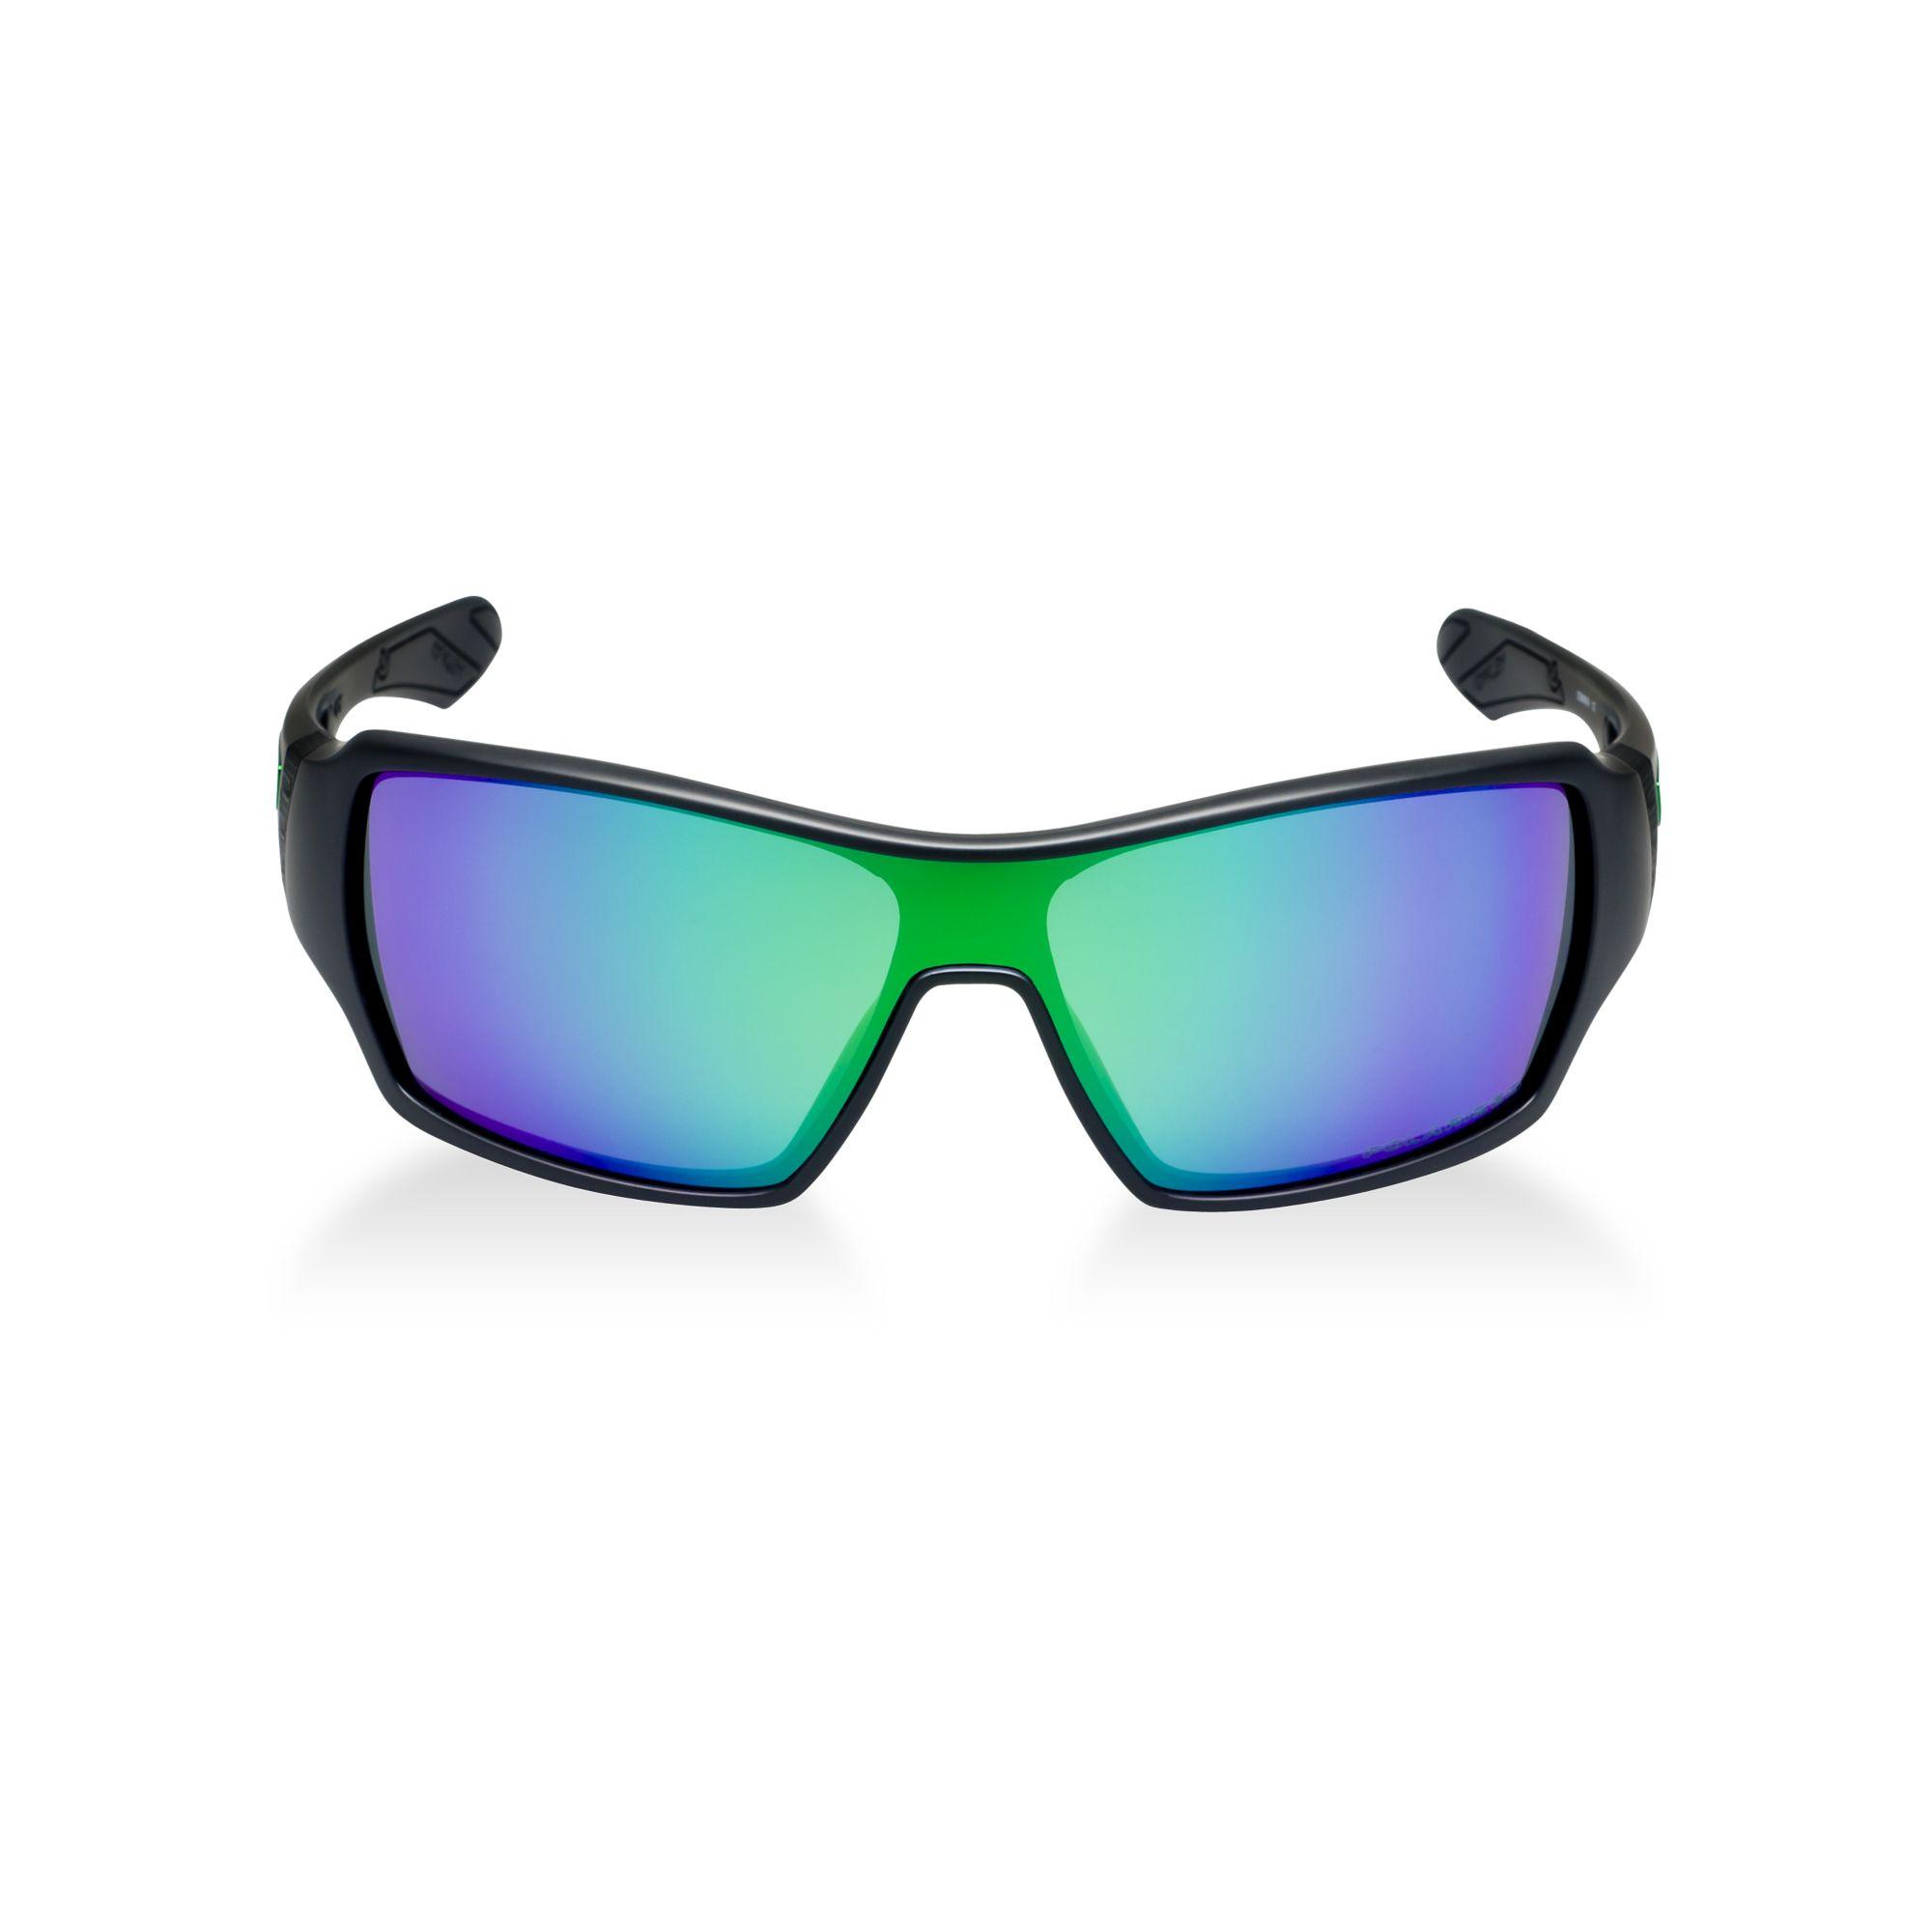 buddhist single men in oakley Oakley flak draft oo9364 single vision prescription sunglasses on sale  oakley prescription sunglasses, prescription sunglasses for men, single vision prescription sunglasses for men.